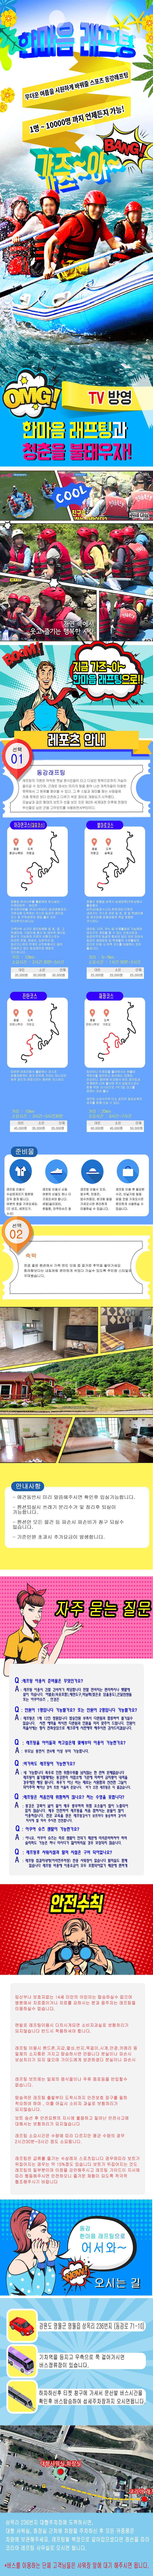 상세페이지(래+숙박).jpg